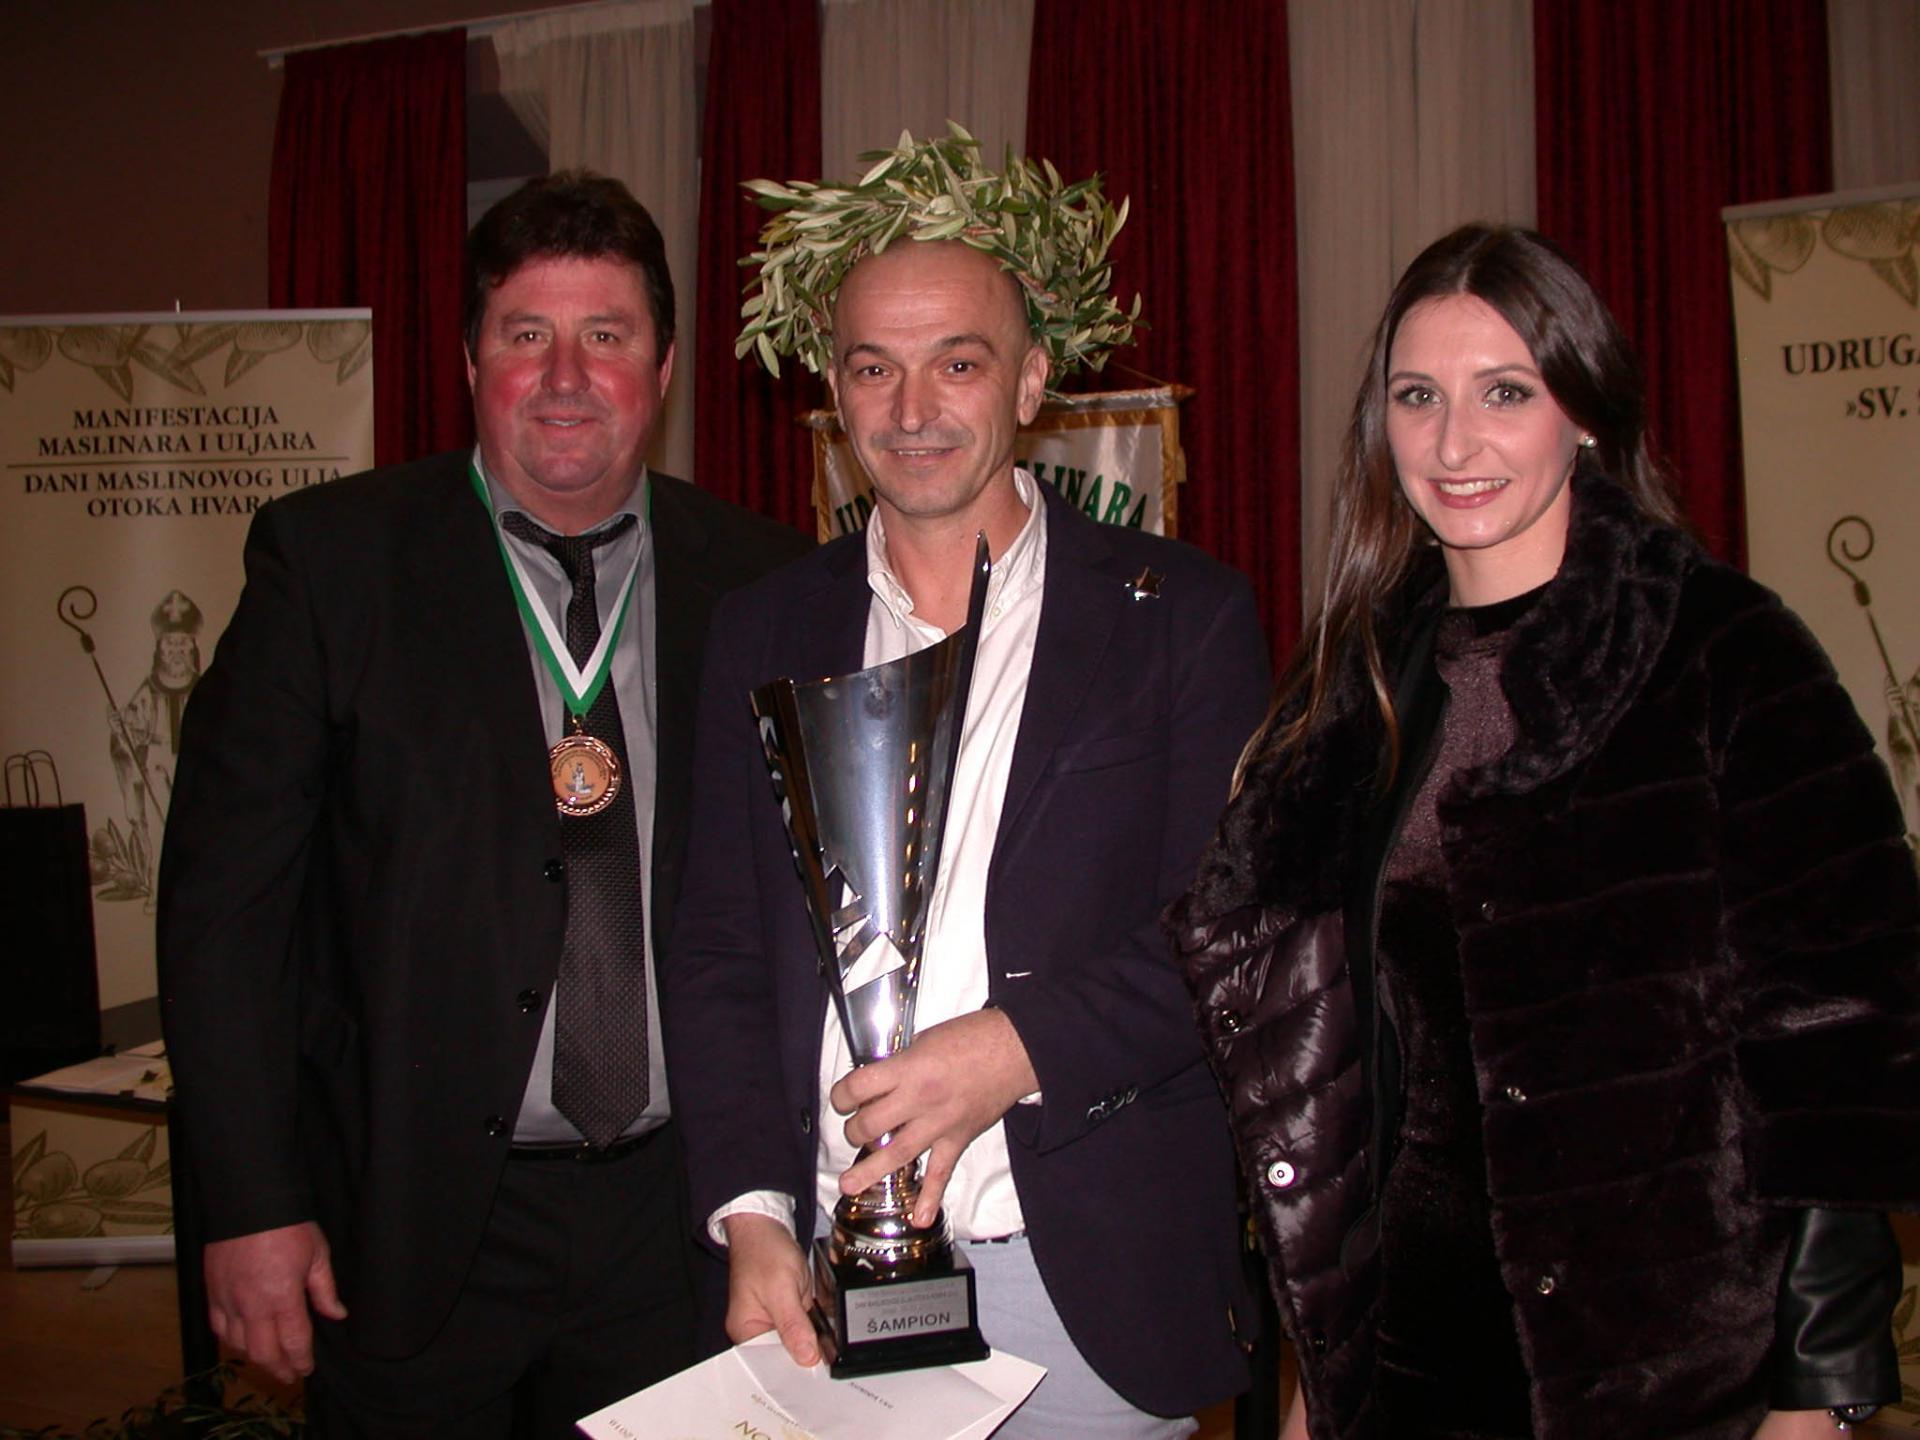 Ivo Radojković iz Bogomolja - šampion, s Đorđanom Gurdulićem i Evom Marijom Čurin